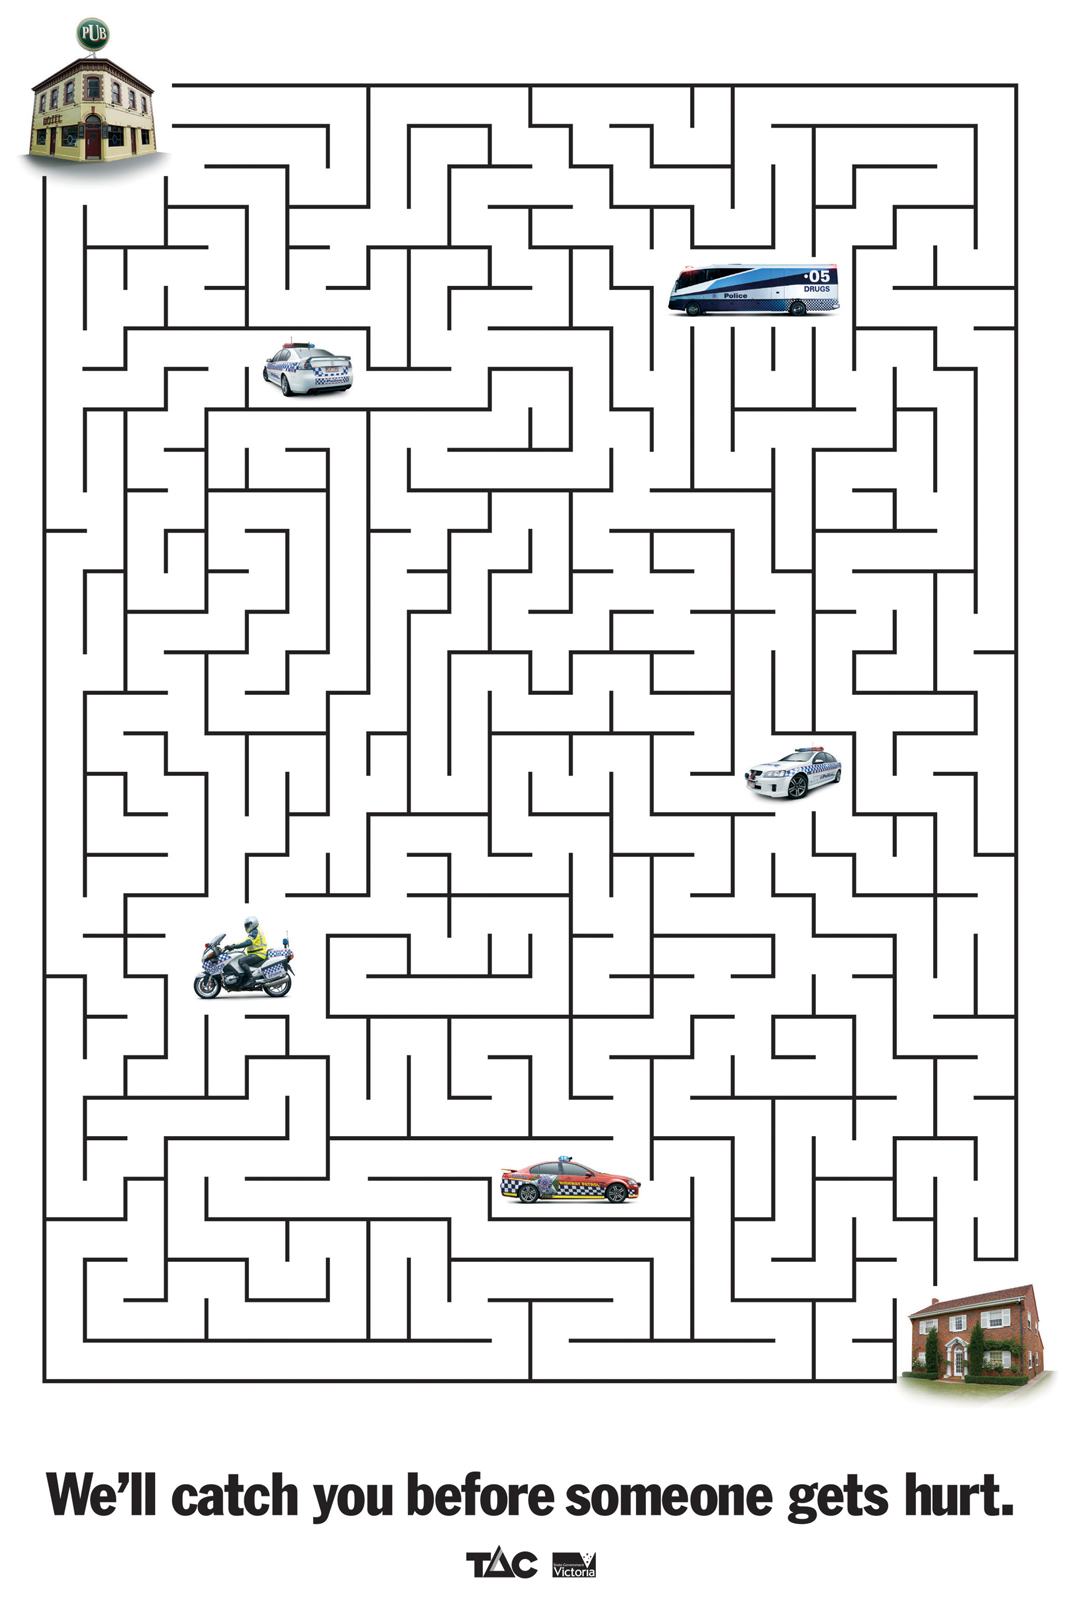 Integer Riddle Maze Worksheet